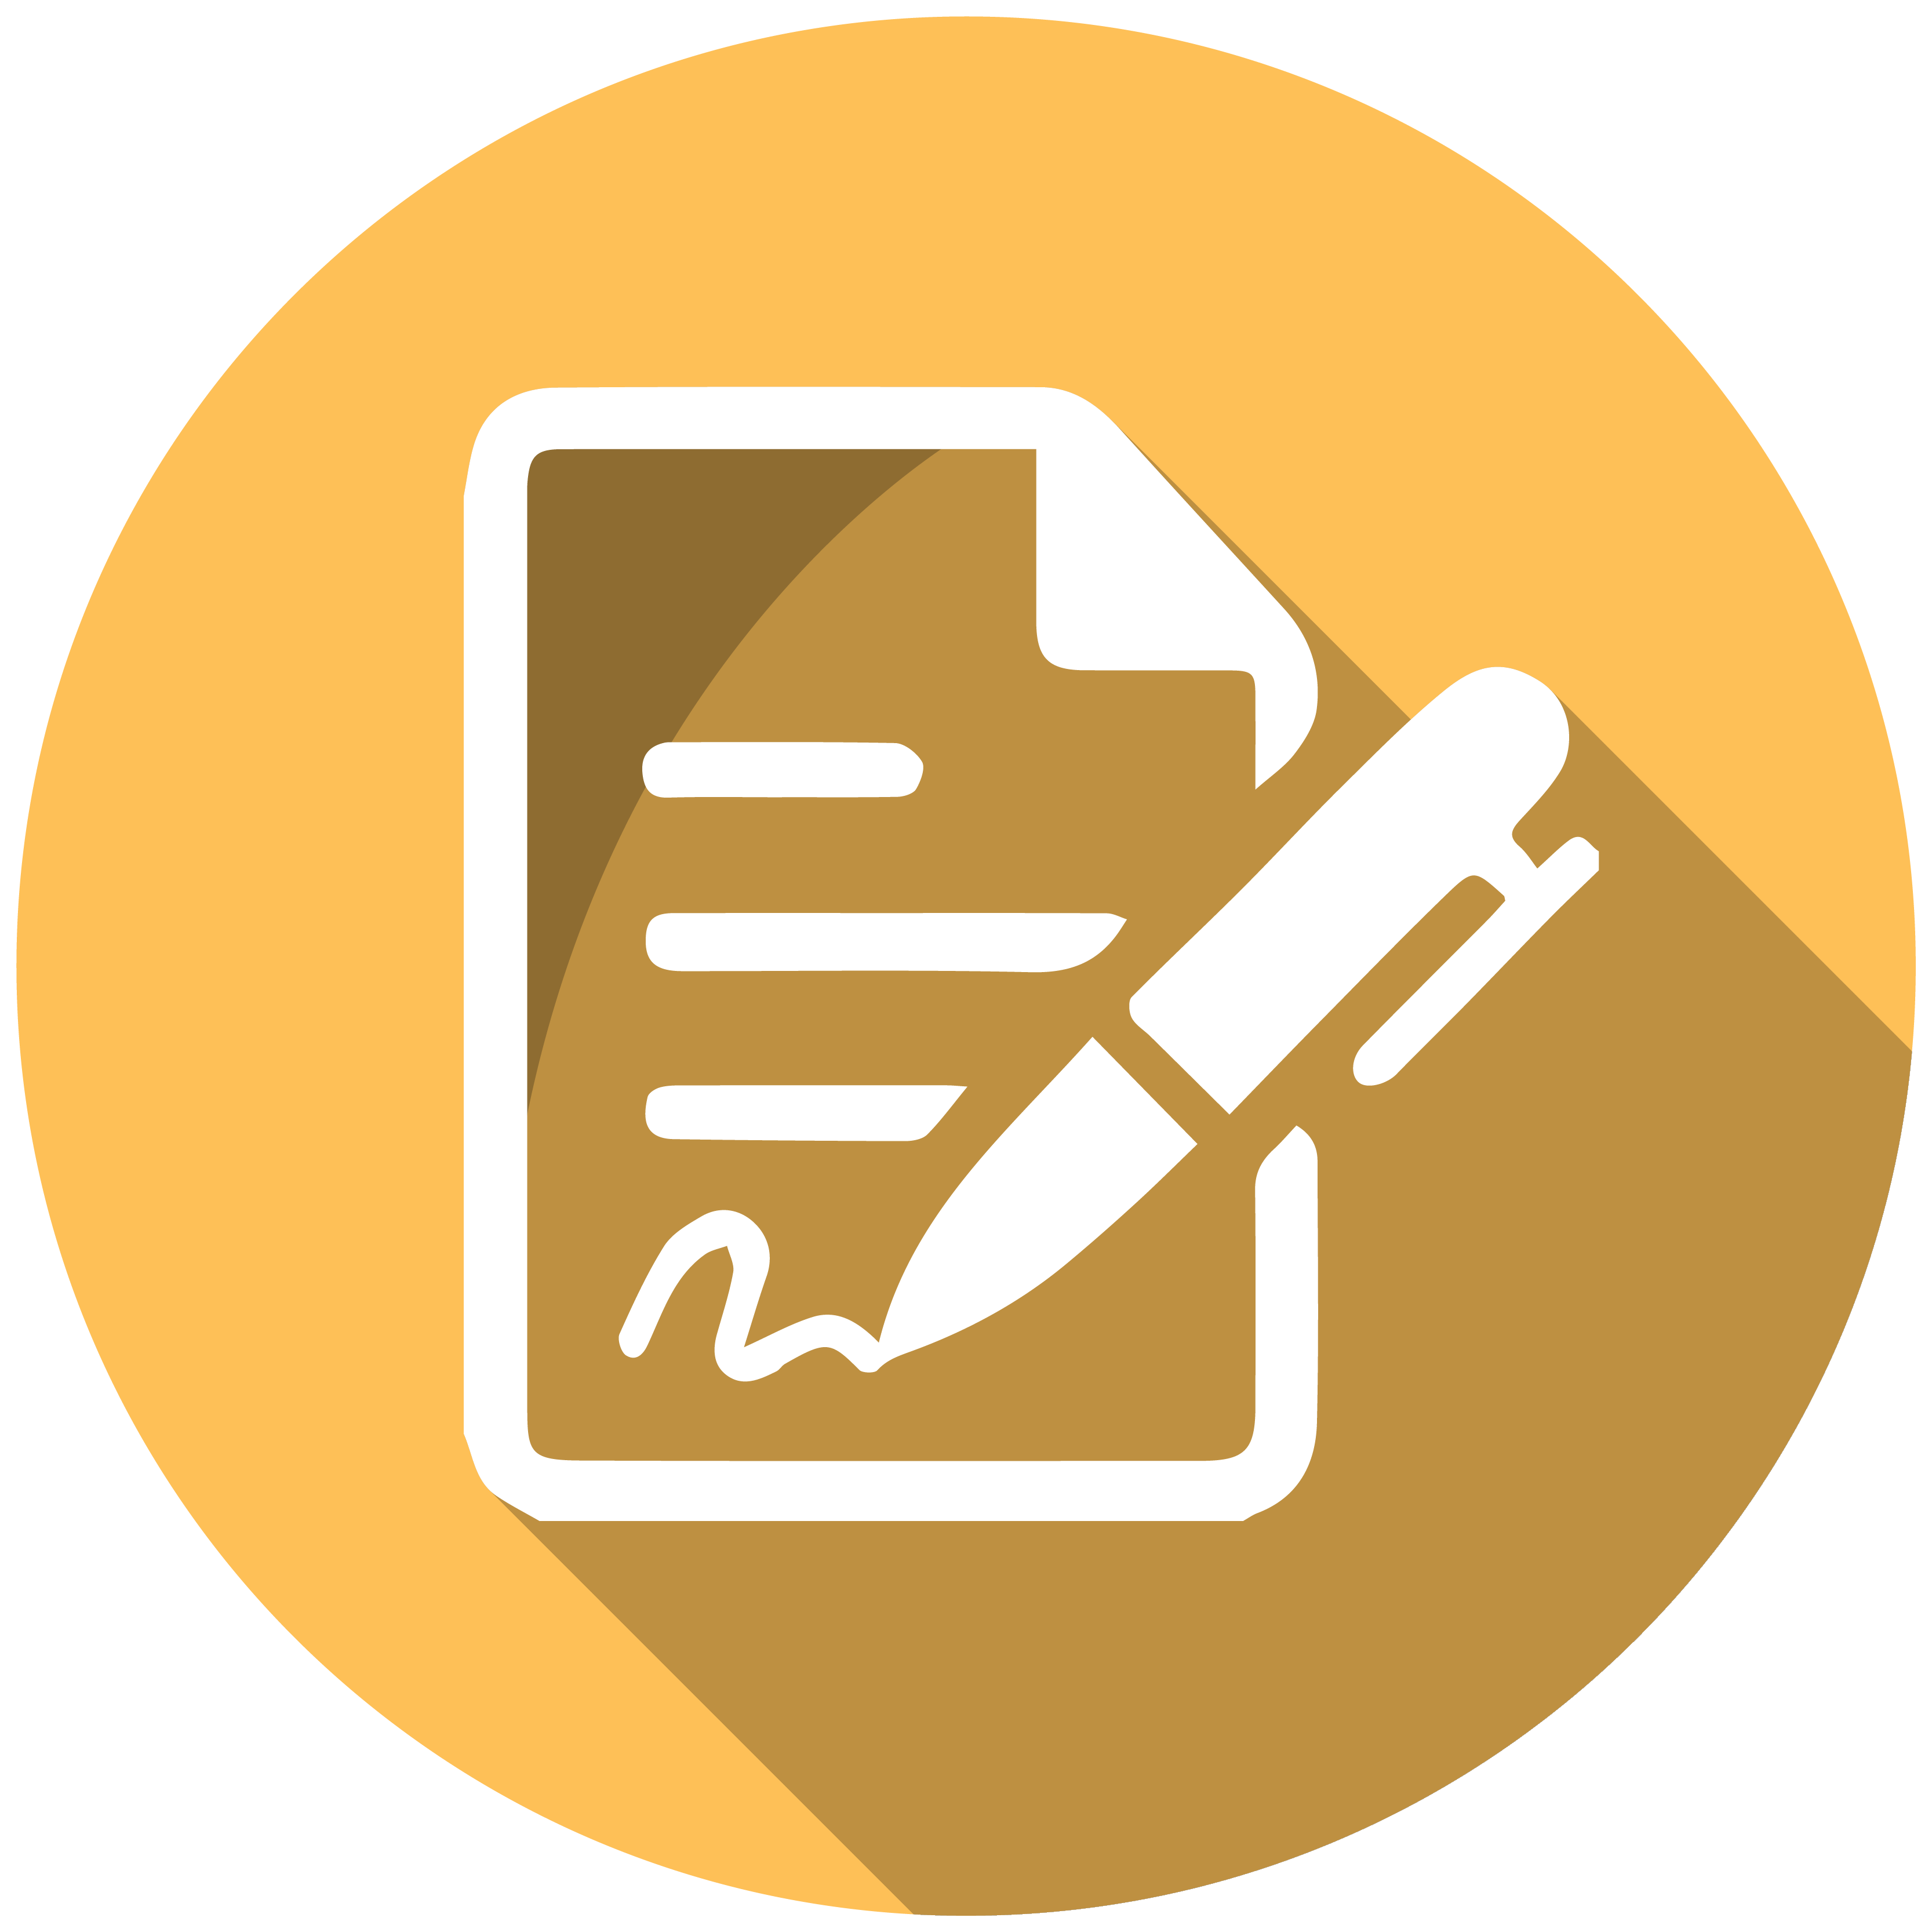 برترین پکیج مقاله اهمیت سیستم حقوق و دستمزد در حسابداری - دانلود فایل